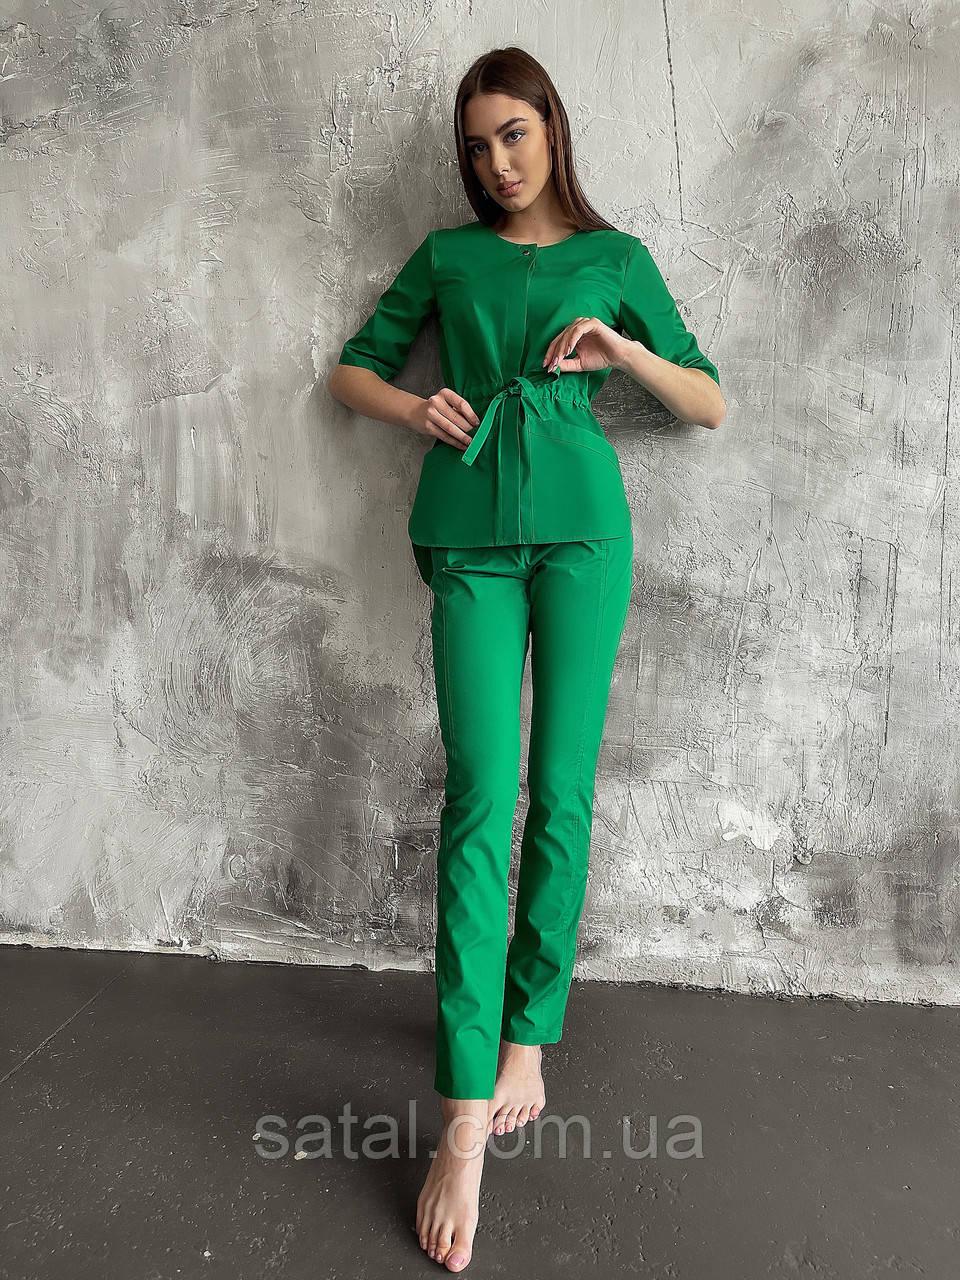 """Медицинский костюм """"ЛУна"""". Трава (зеленый). Легкая ткань. Рукав по локоть. Satal"""